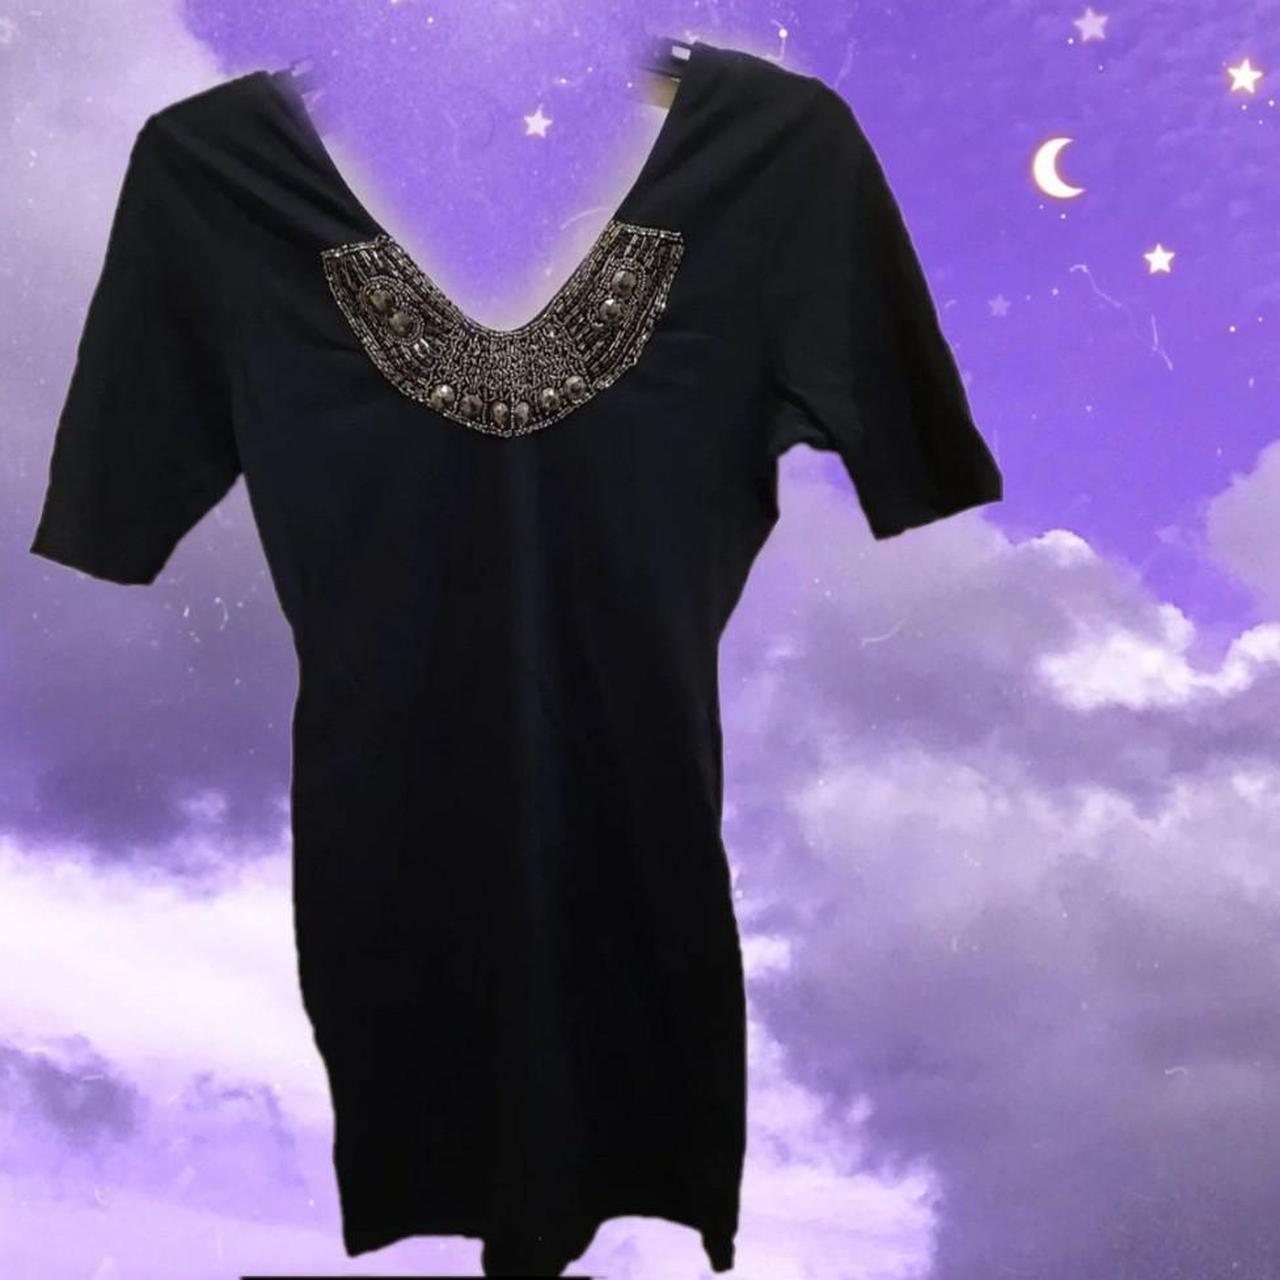 Product Image 1 - ☆Xhilaration Black Necklace Dress☆  ▪︎Size M ▪︎Zoom